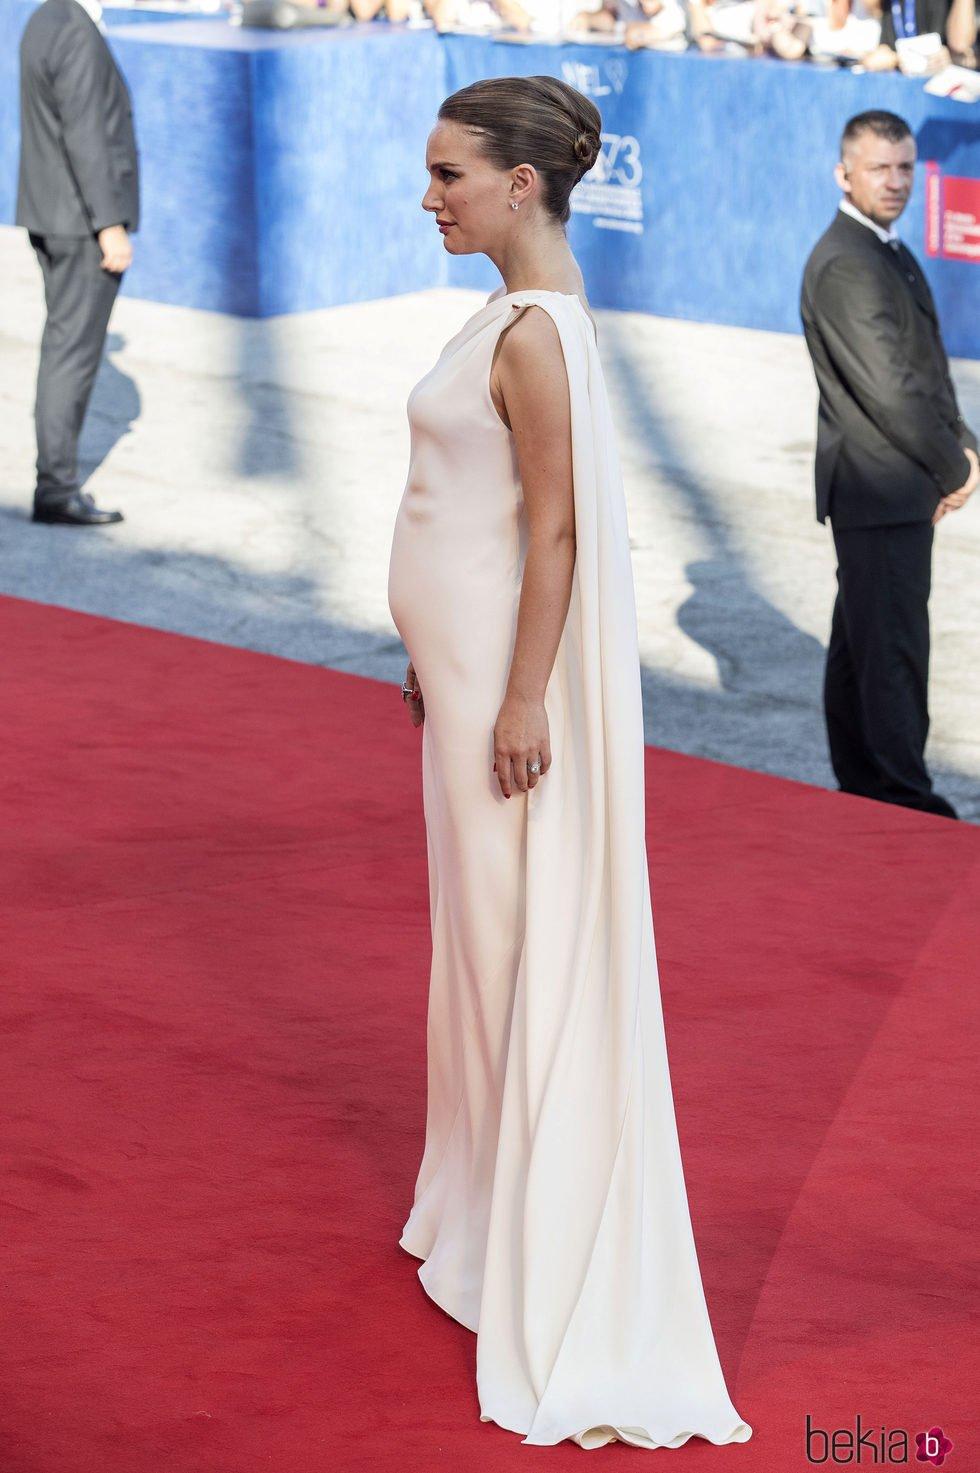 Natalie Portman, de perfil, en la premiere de 'Planetarium' en el Festival de Cine de Venecia 2016